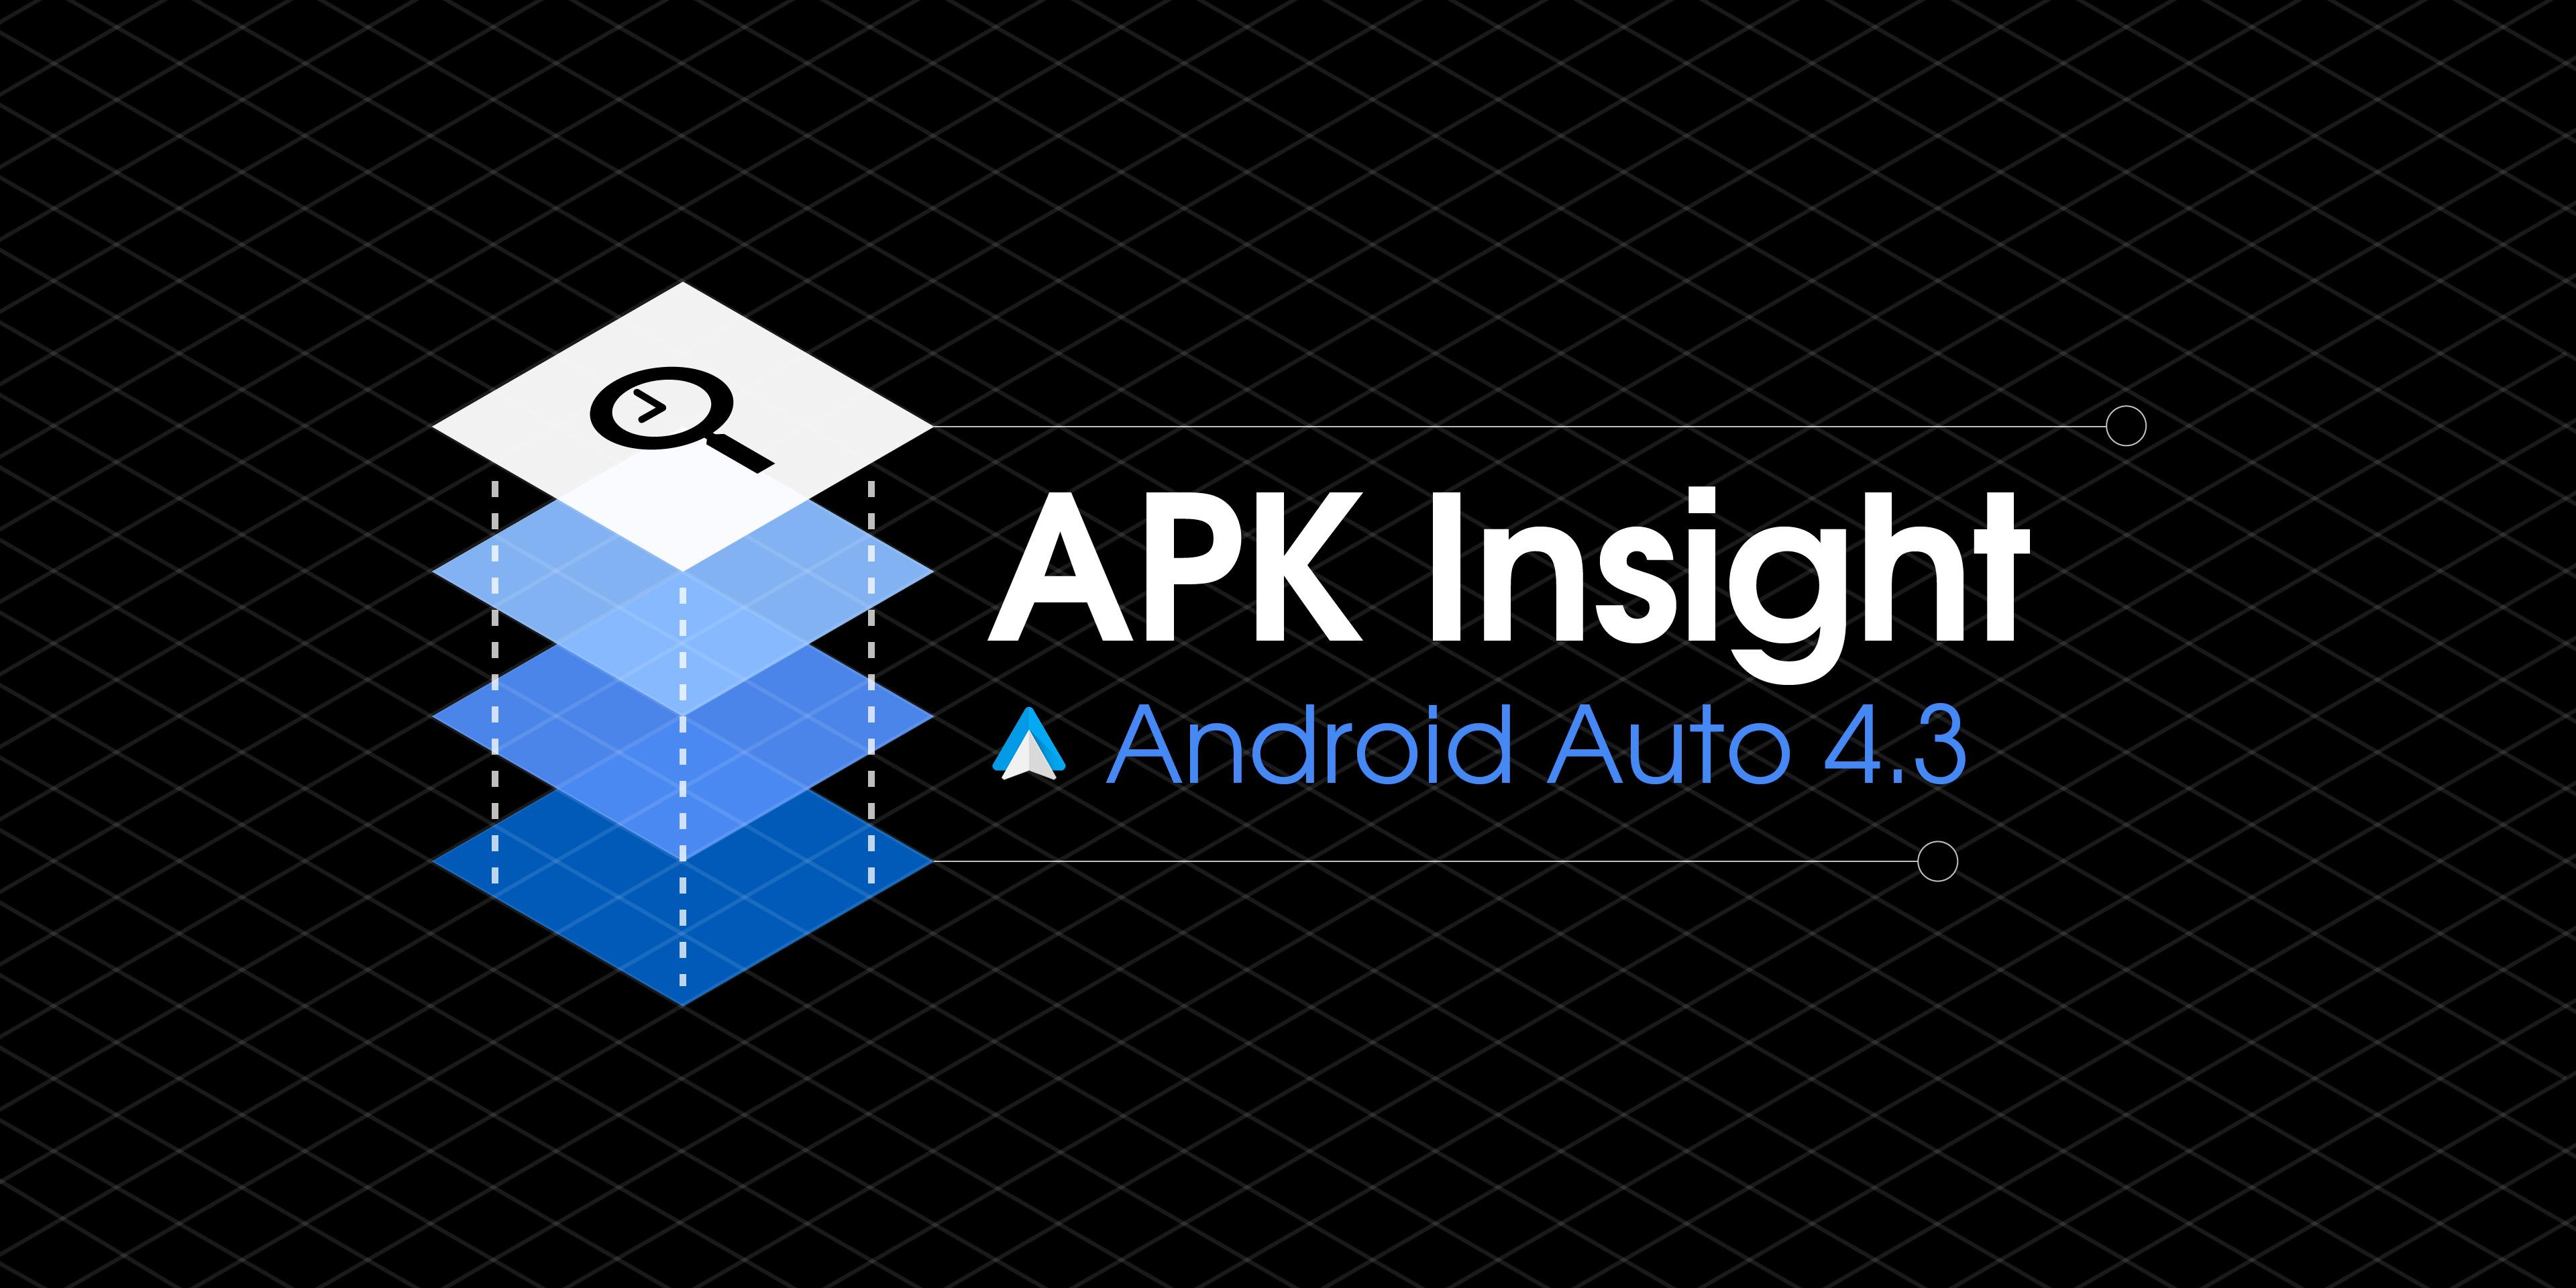 """Android Auto 4.3 bereitet das bevorstehende """"Boardwalk"""" -Redesign vor [APK Insight]"""